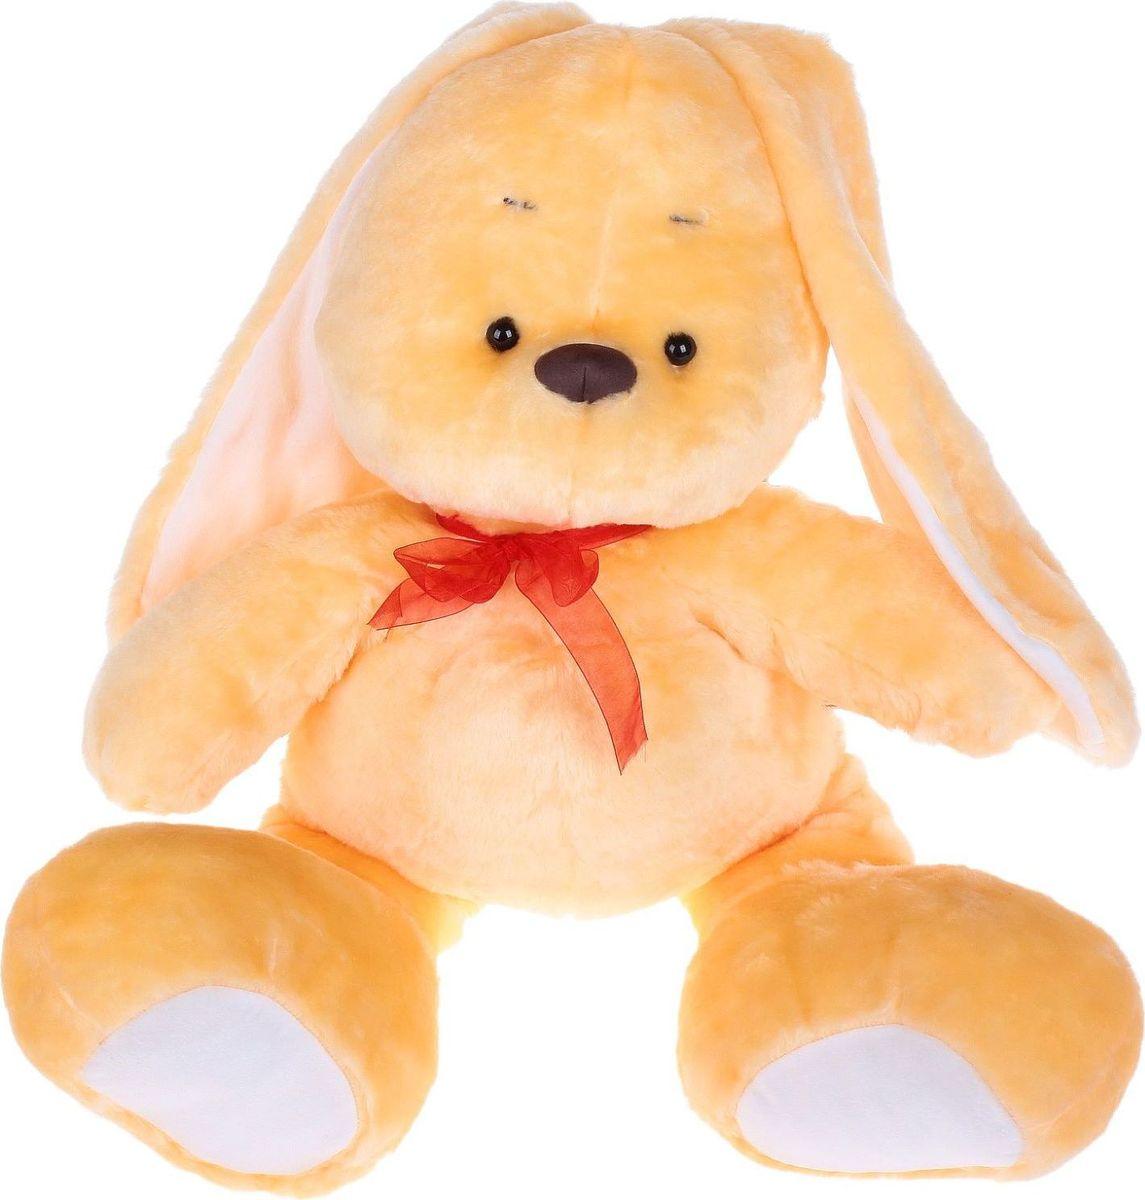 Sima-land Мягкая игрушка Зайка цвет персиковый 70 см sima land мягкая игрушка зайка ми в шапке с сердечком цвет голубой 15 см 871962